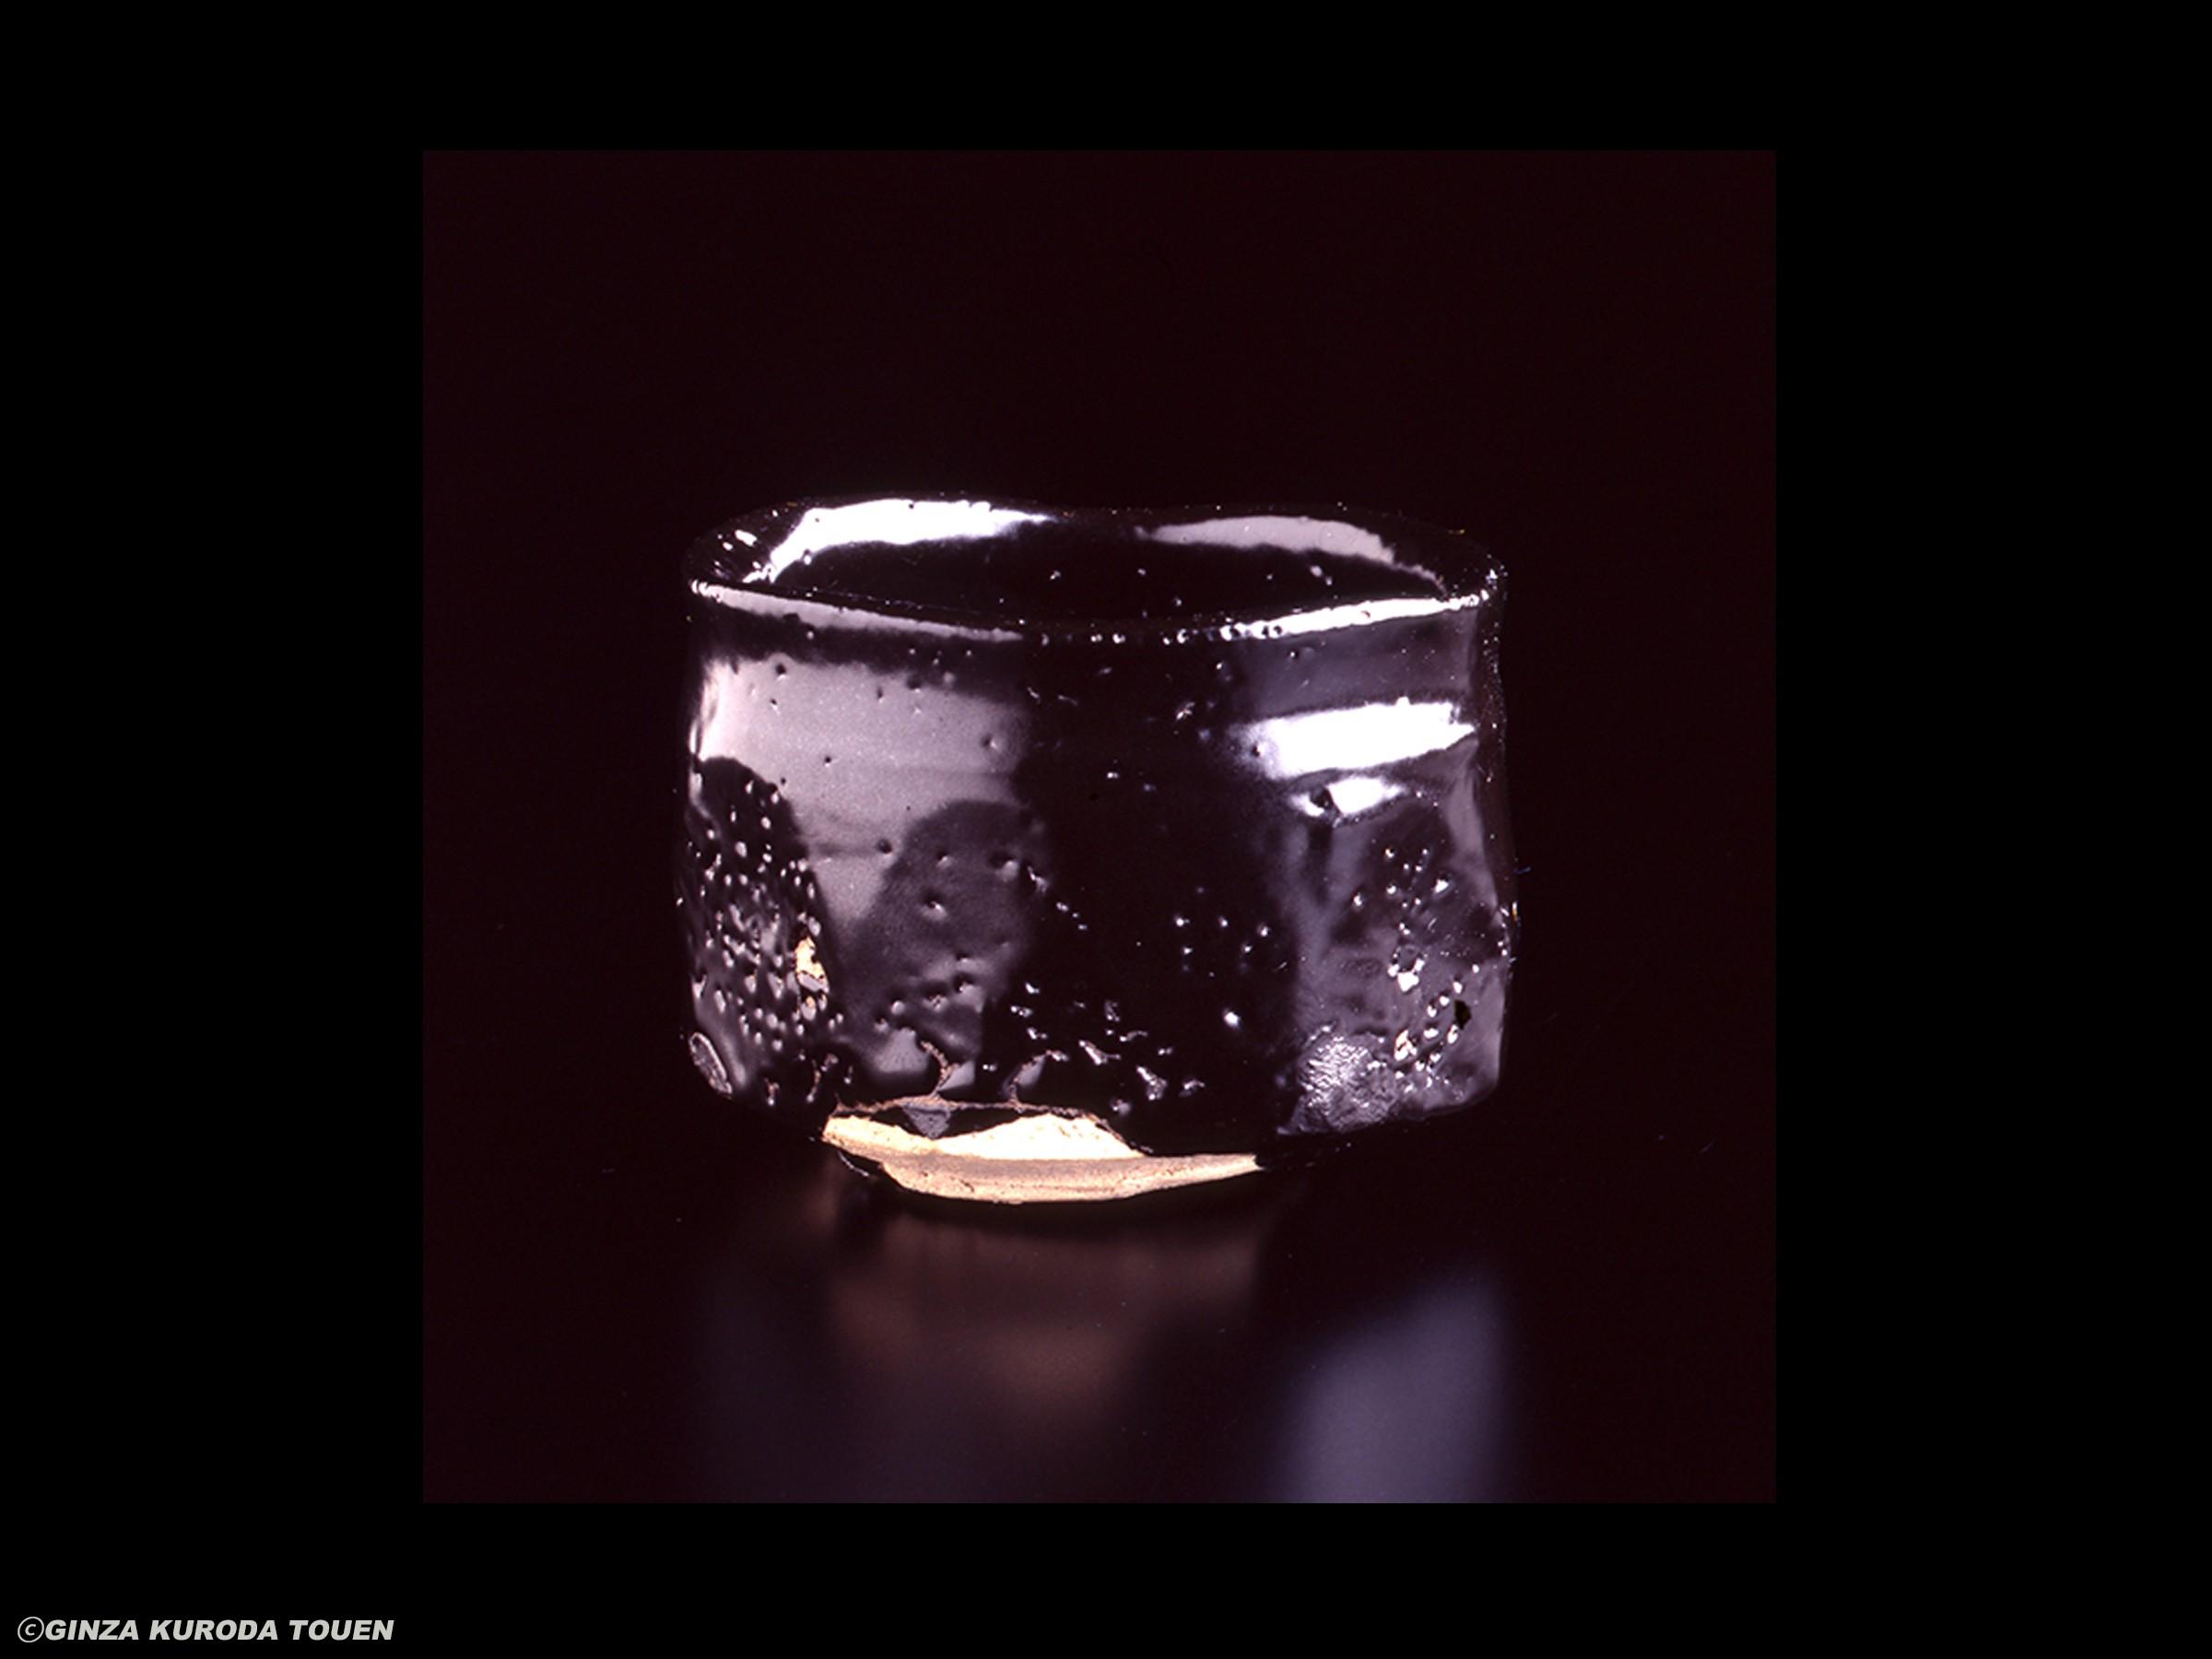 加藤卓男 瀬戸黒酒杯